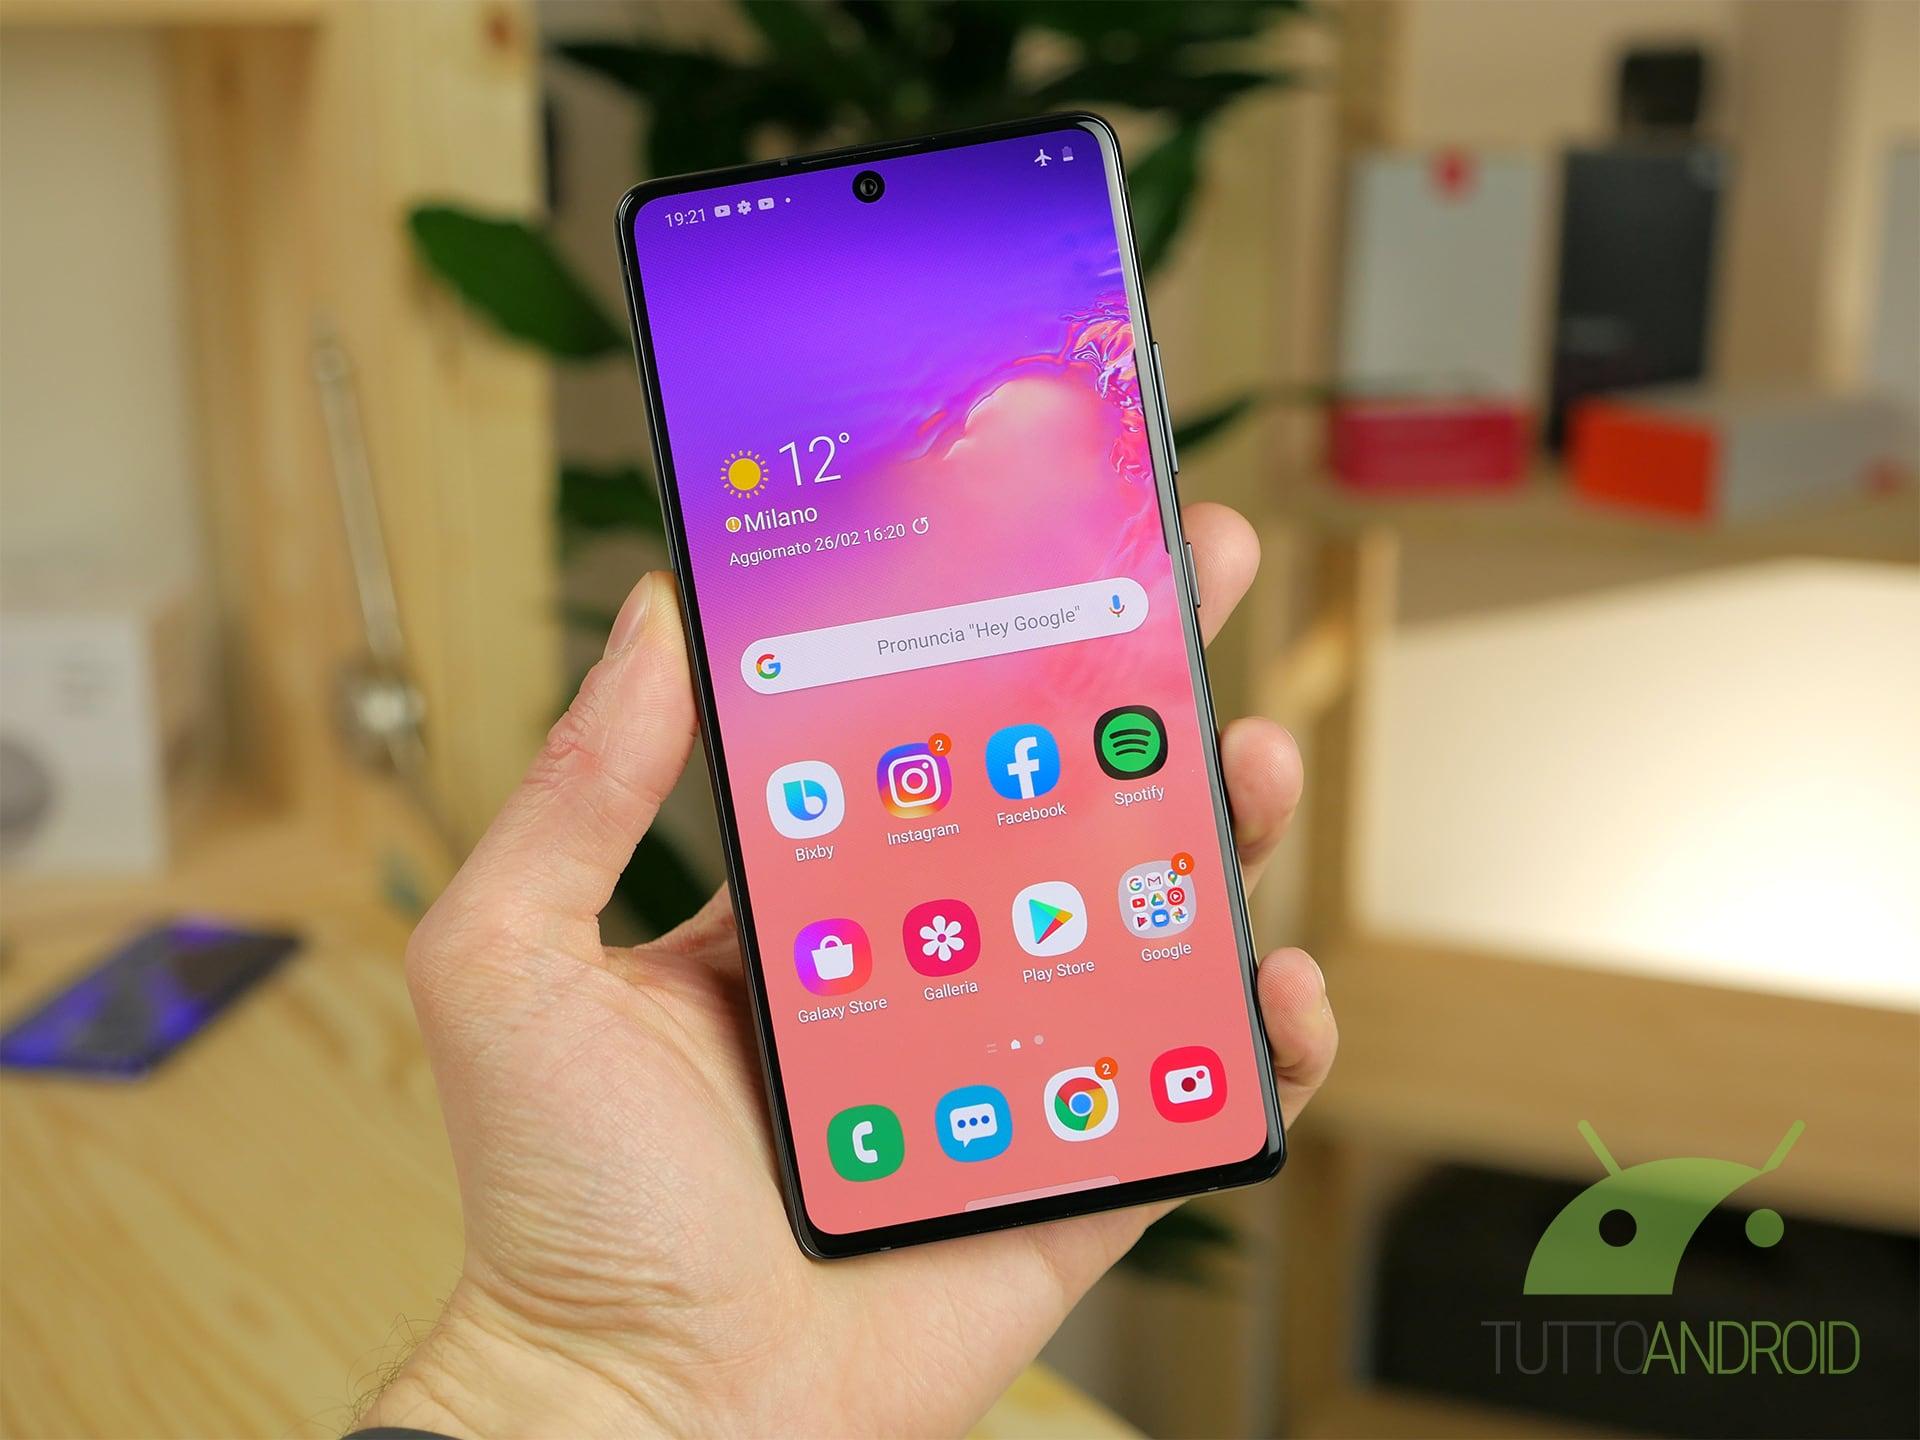 Da lunedì Samsung rimborsa fino a 200 euro per l'acquisto di